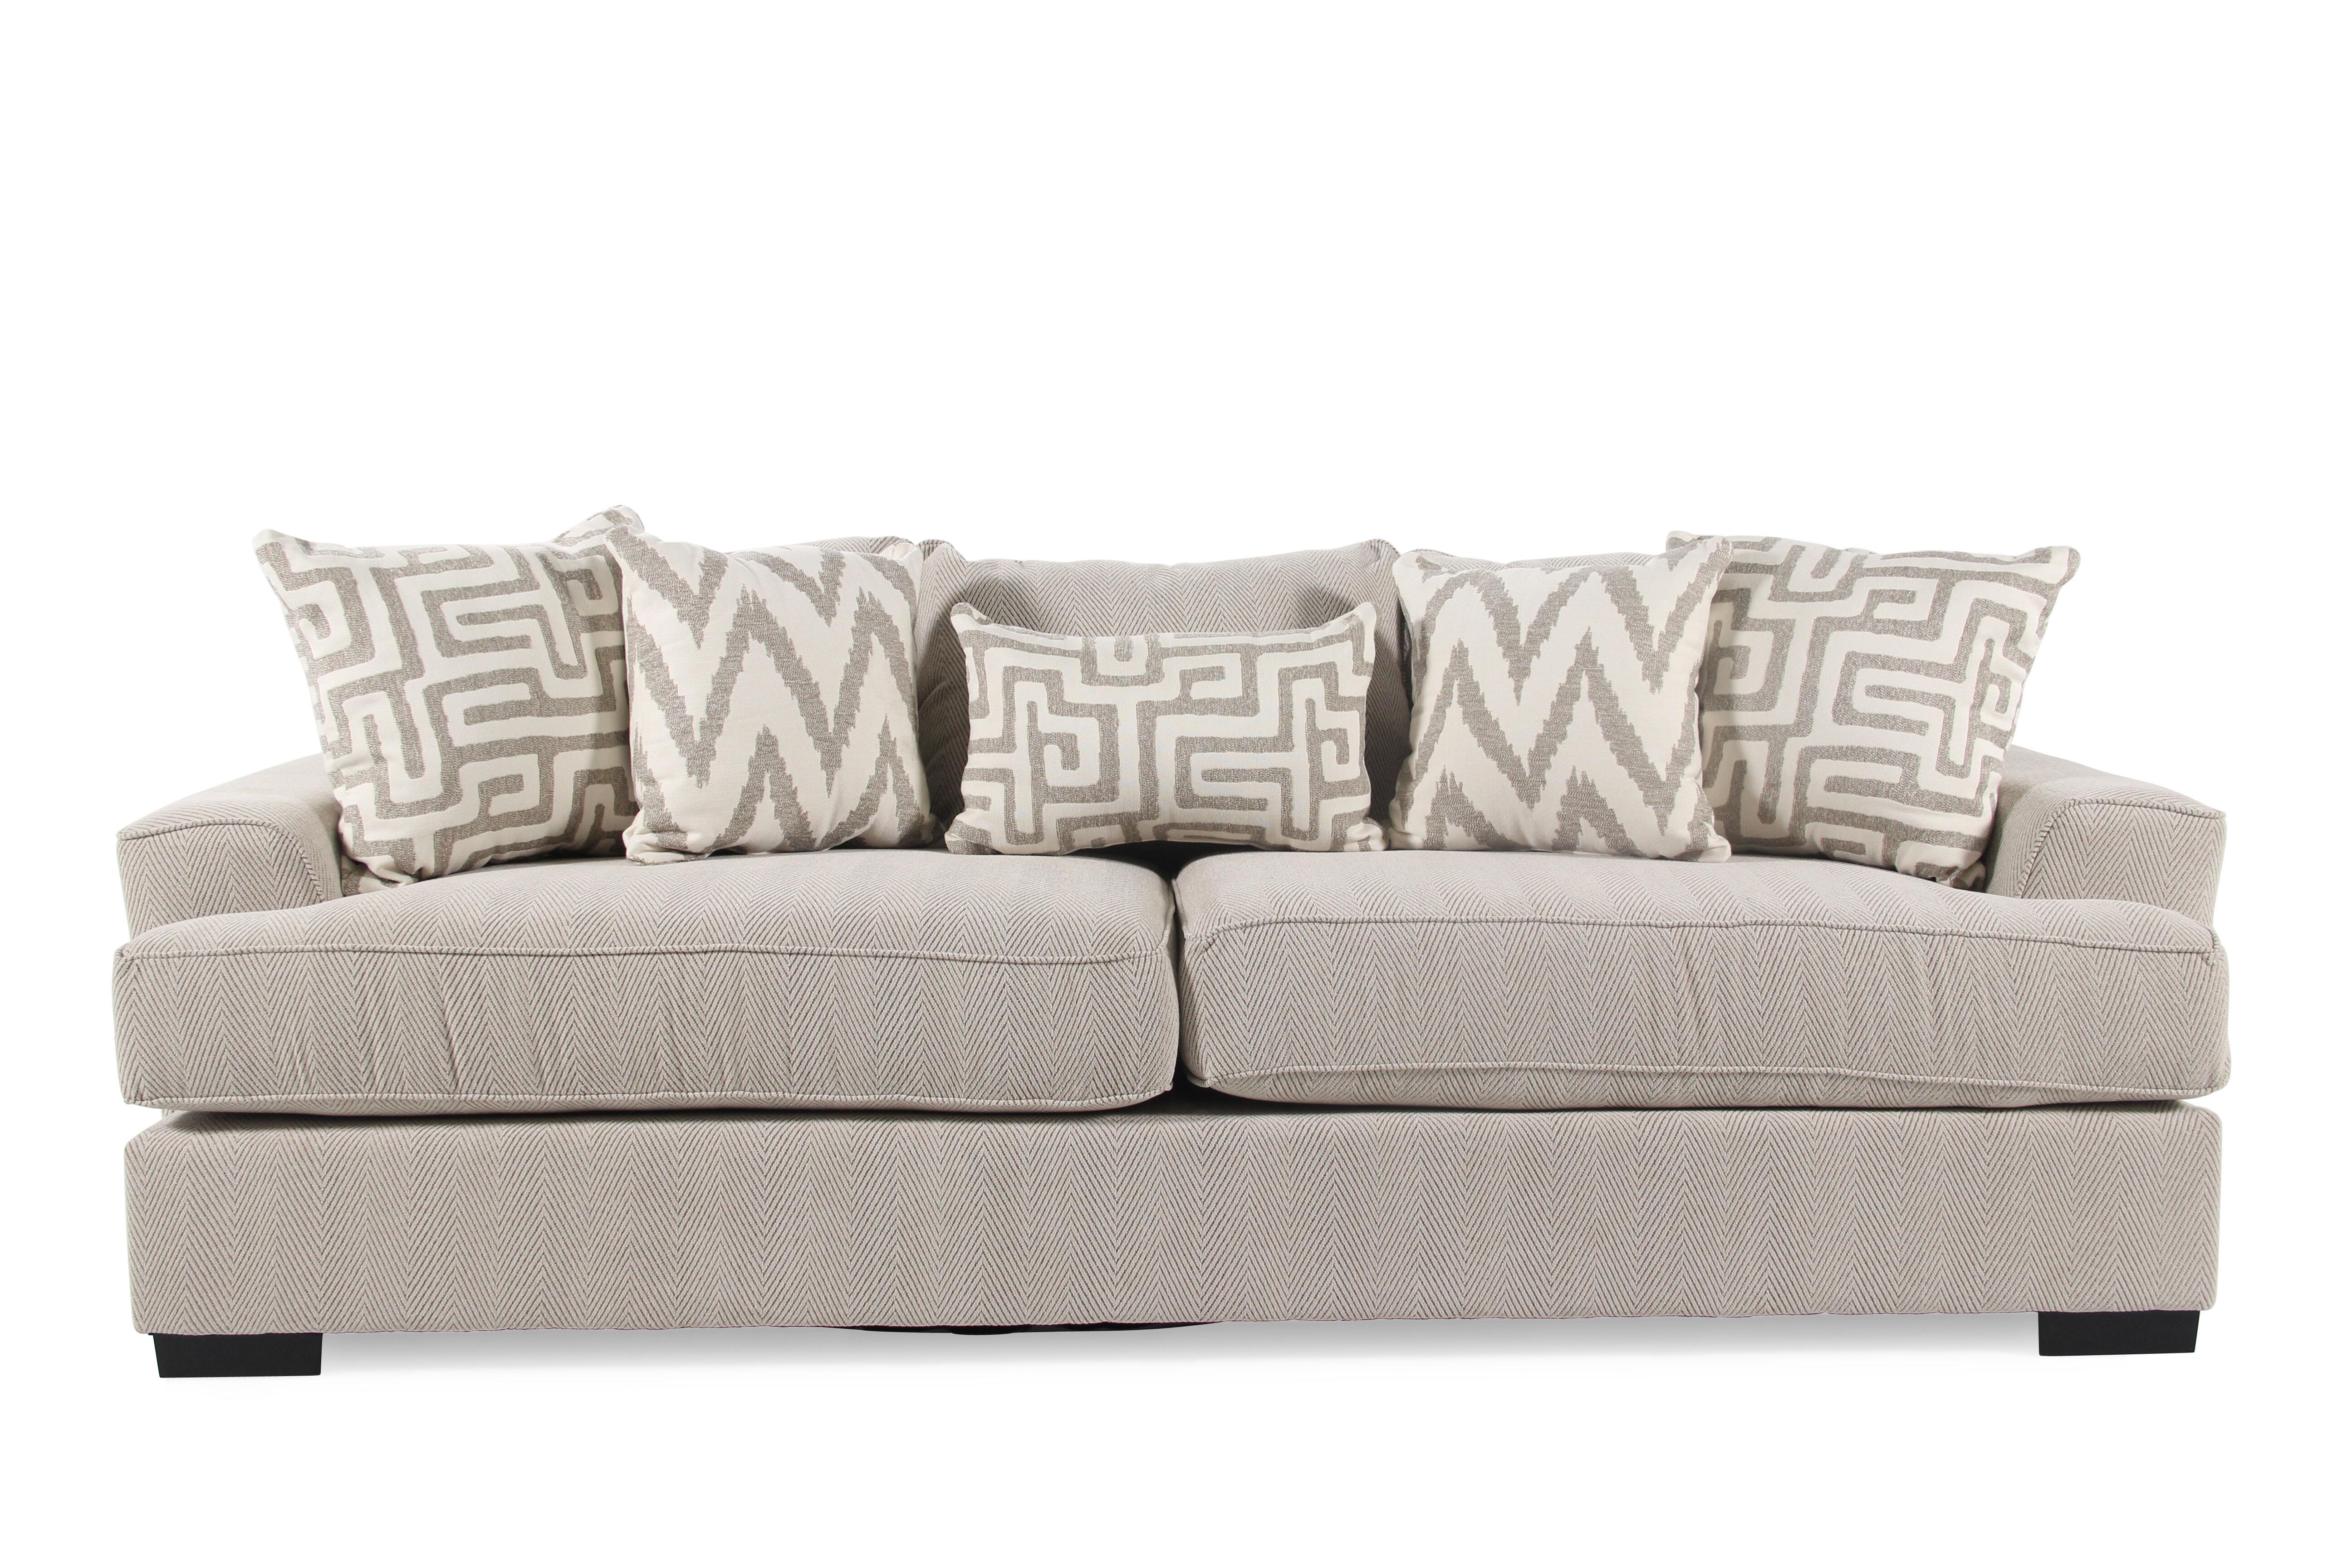 michael nicholas aspen sofa leather sofas for sale online designs